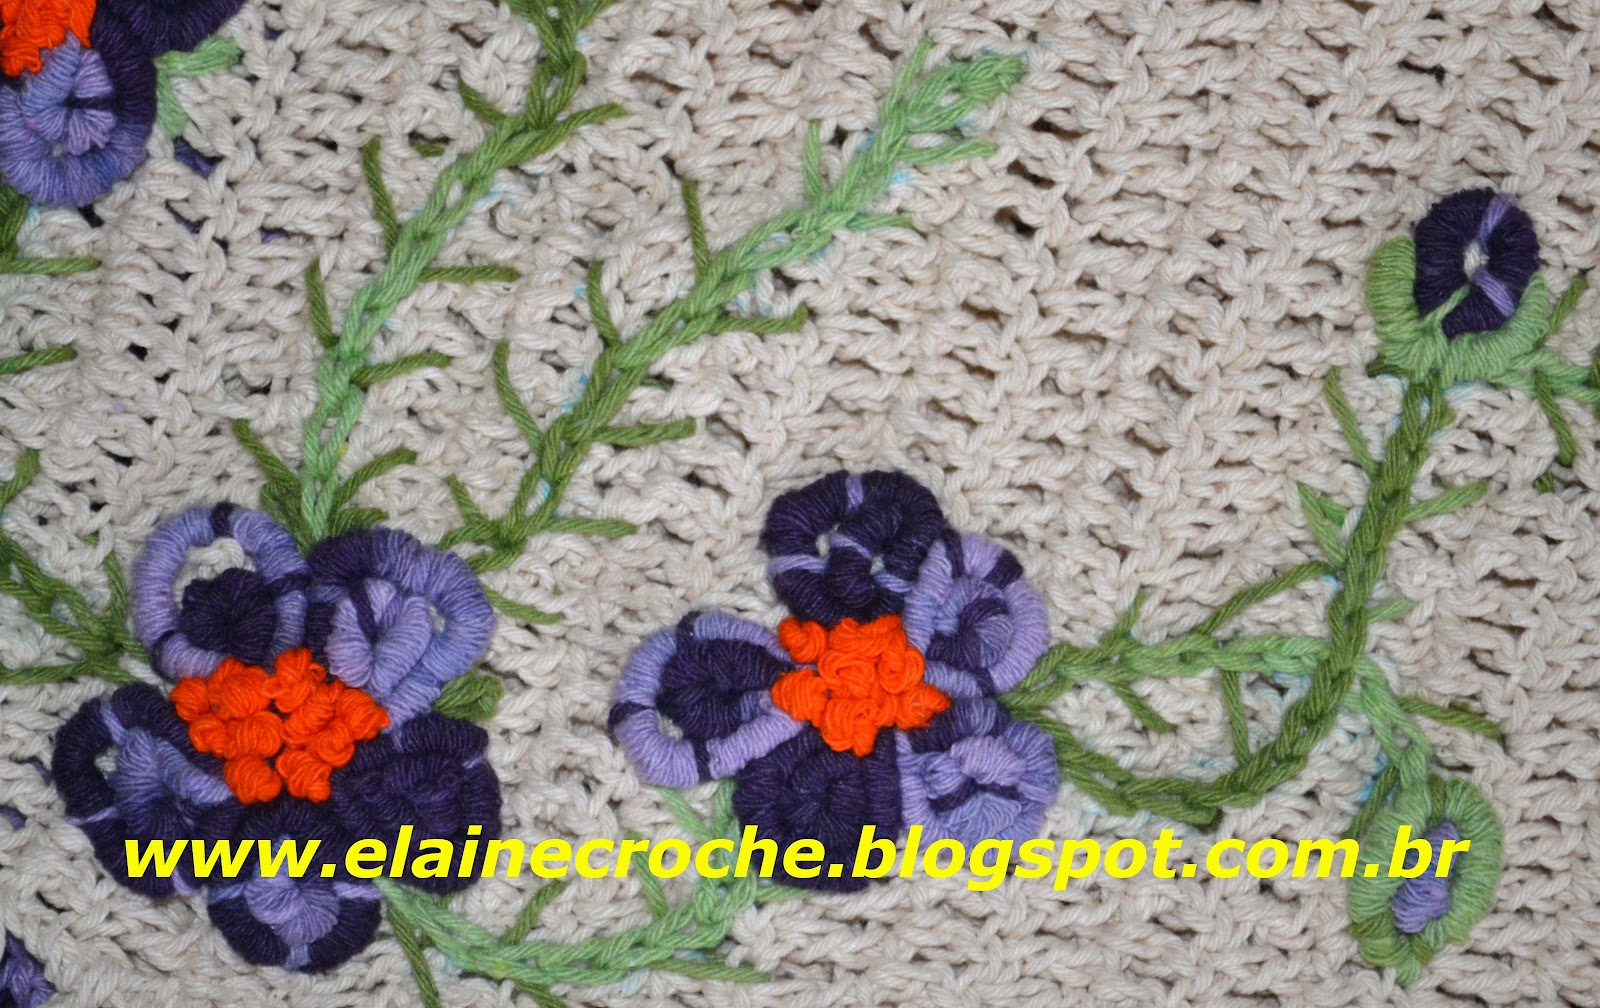 #C72E04 Elaine Croche: Bordado em Crochê Barbante Multicores Premium 1600x1008 px tapete de banheiro em frances